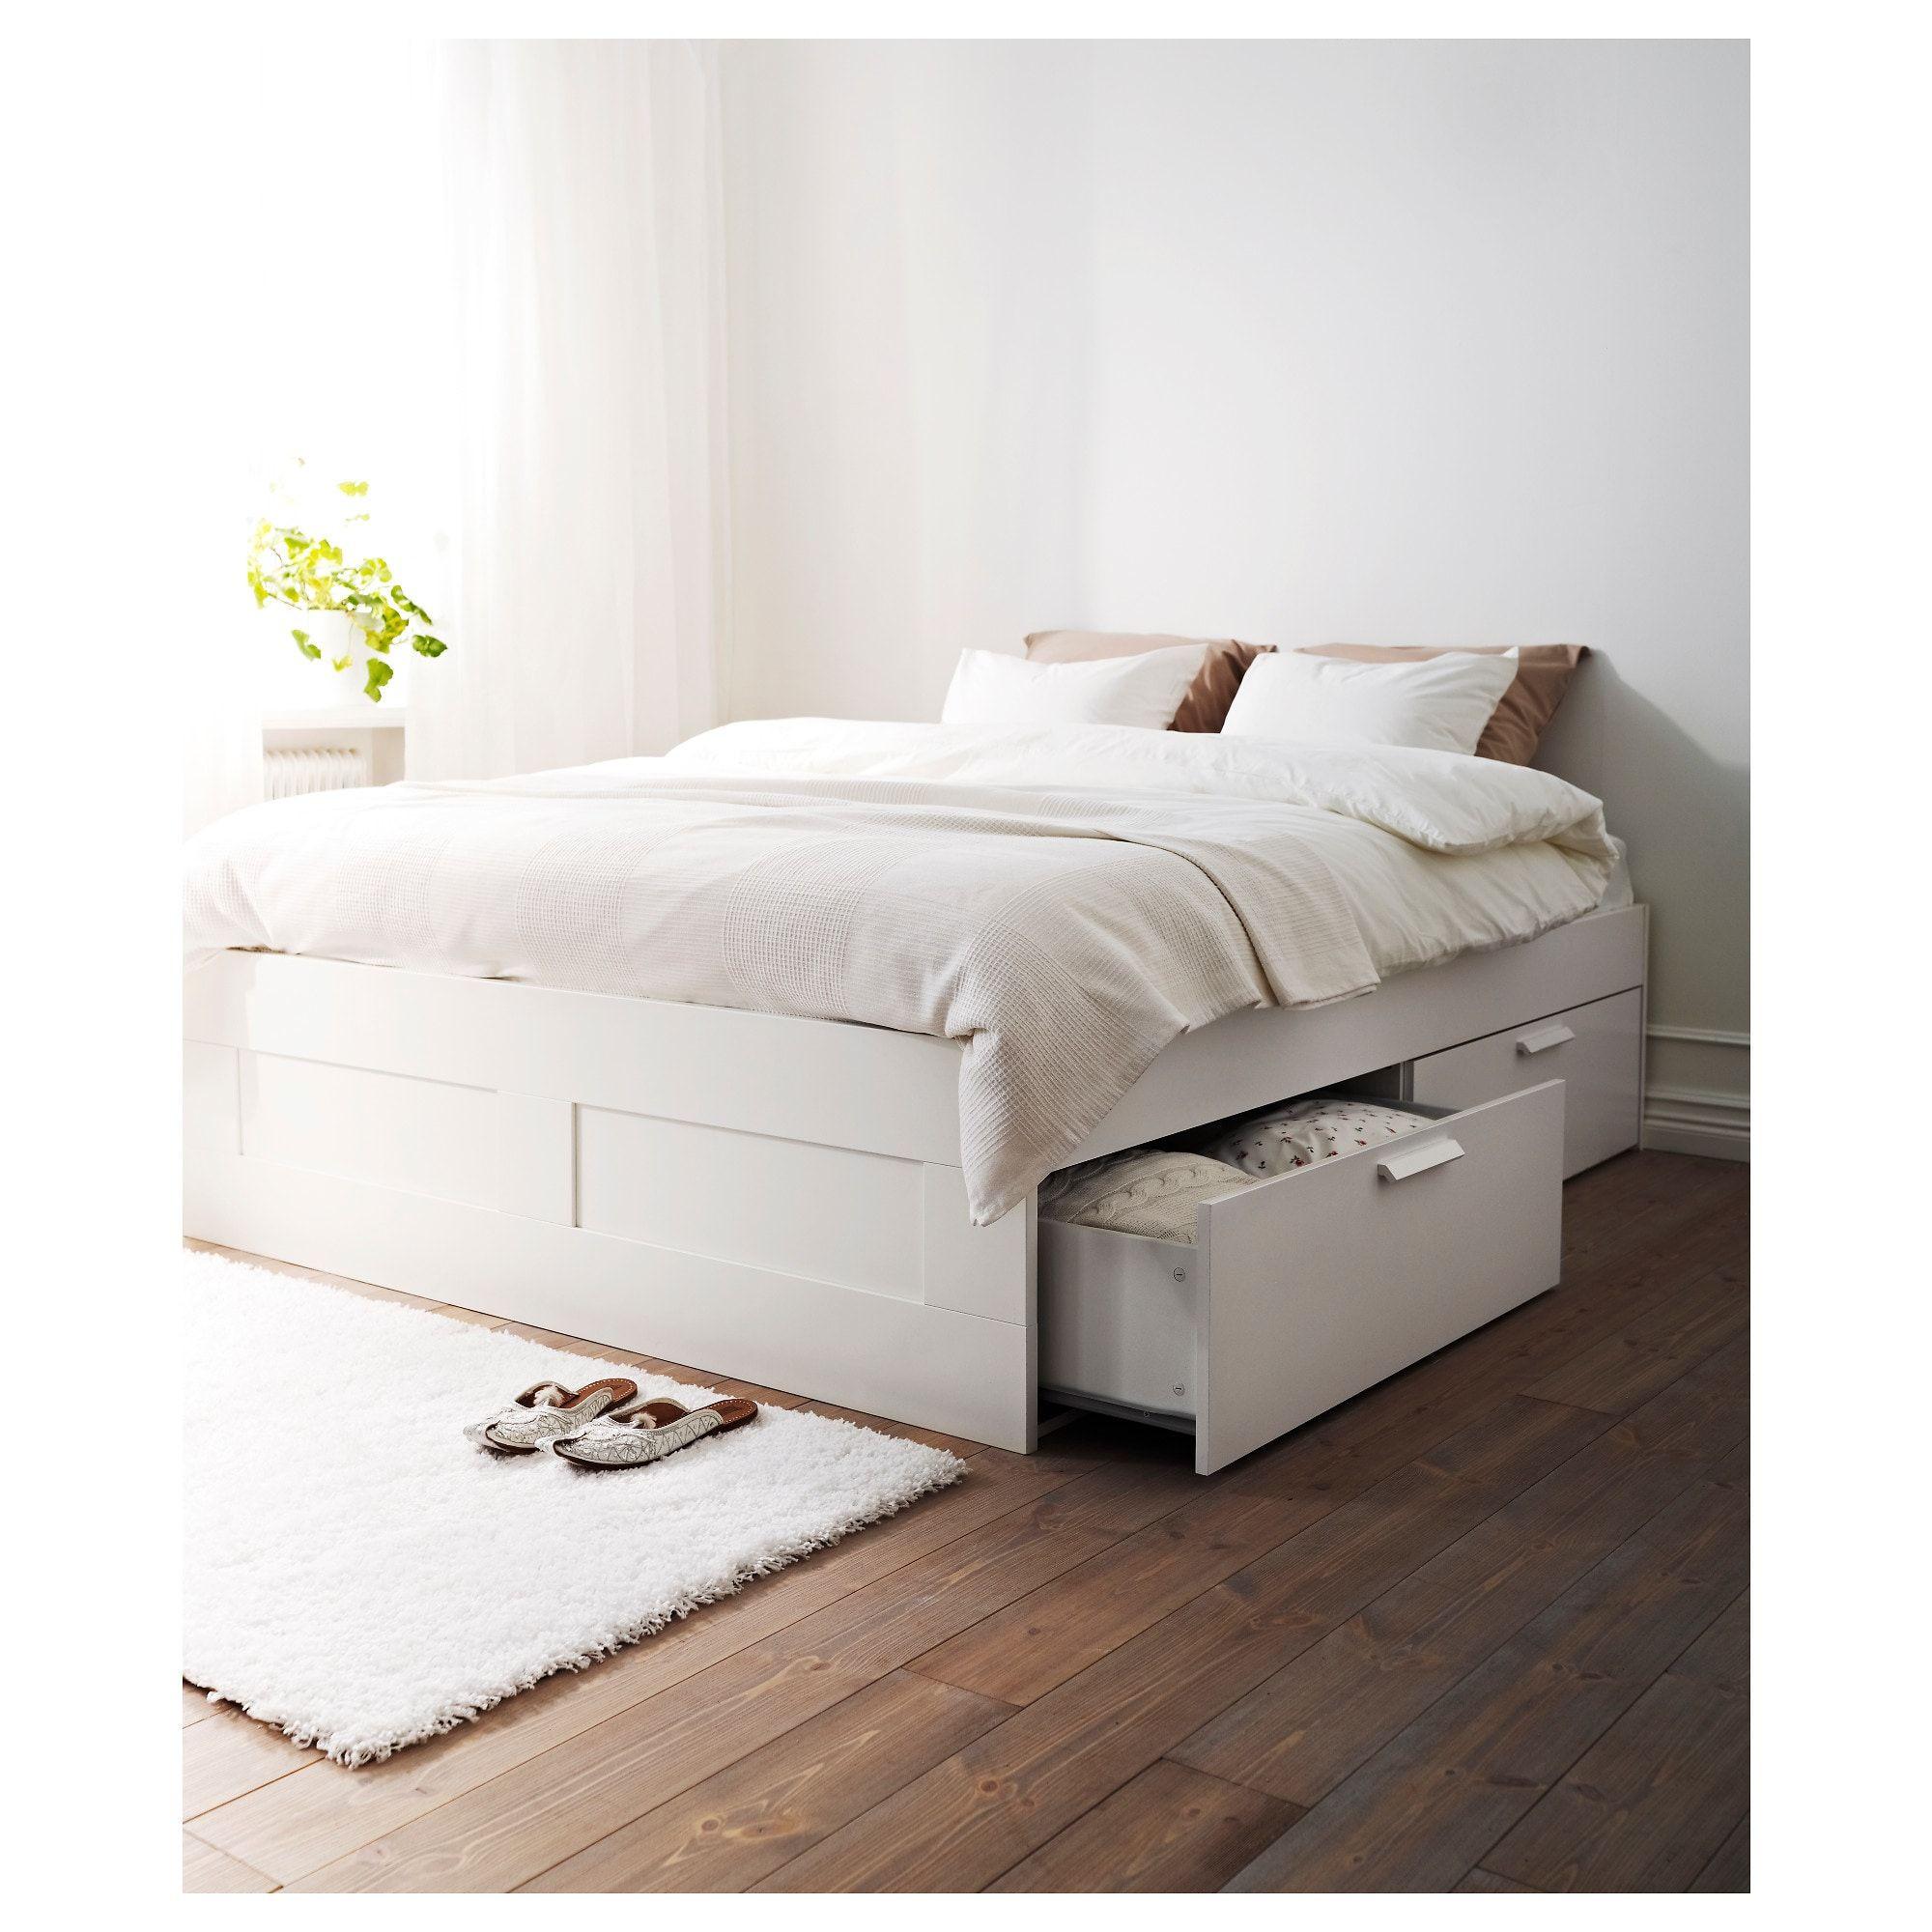 Full Size of Ikea Bett 140x200 Grau Hemnes Designer Betten Musterring Mädchen Französische Weiß 160x200 Kopfteil Für Billige Mit Beleuchtung Massiv 180x200 200x200 Wohnzimmer Ikea Bett 140x200 Grau